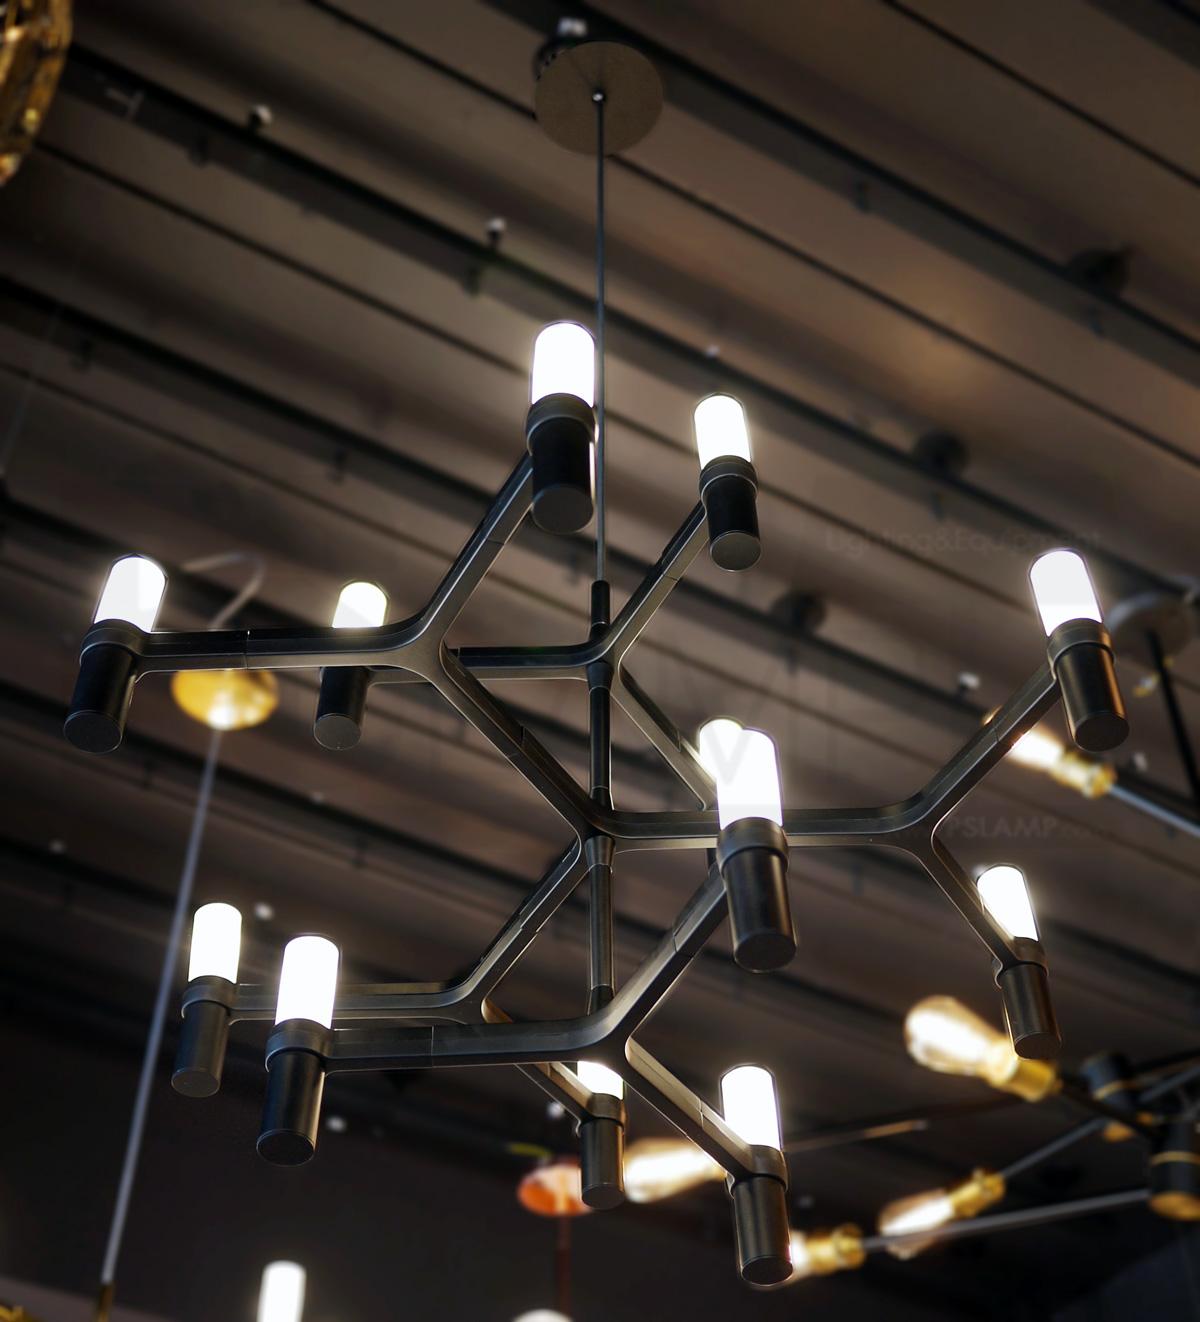 โคมไฟวินเทจ-โคมไฟโมเดิร์น-ขายโคมไฟ-ร้านโคมไฟ-โคมไฟราคาถูก-LERIDA-BK